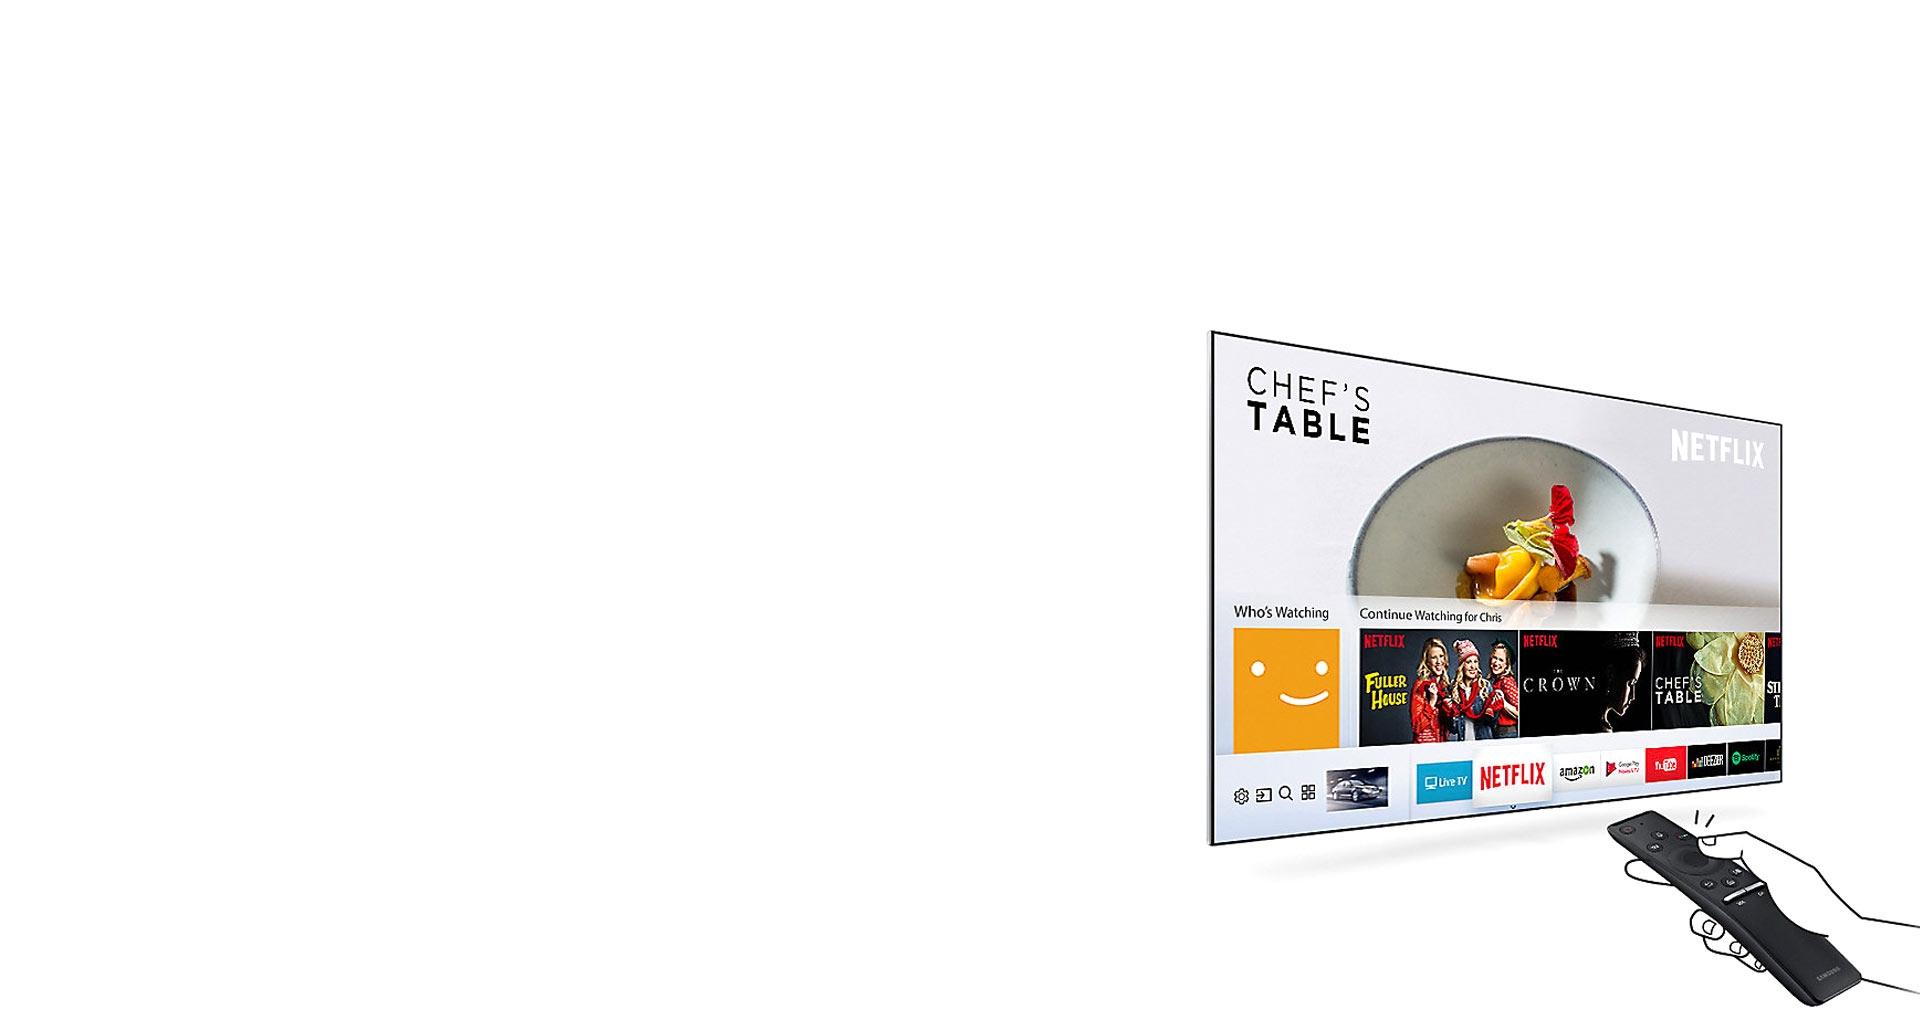 ال ای دی سری 7 سامسونگ با هاب هوشمند